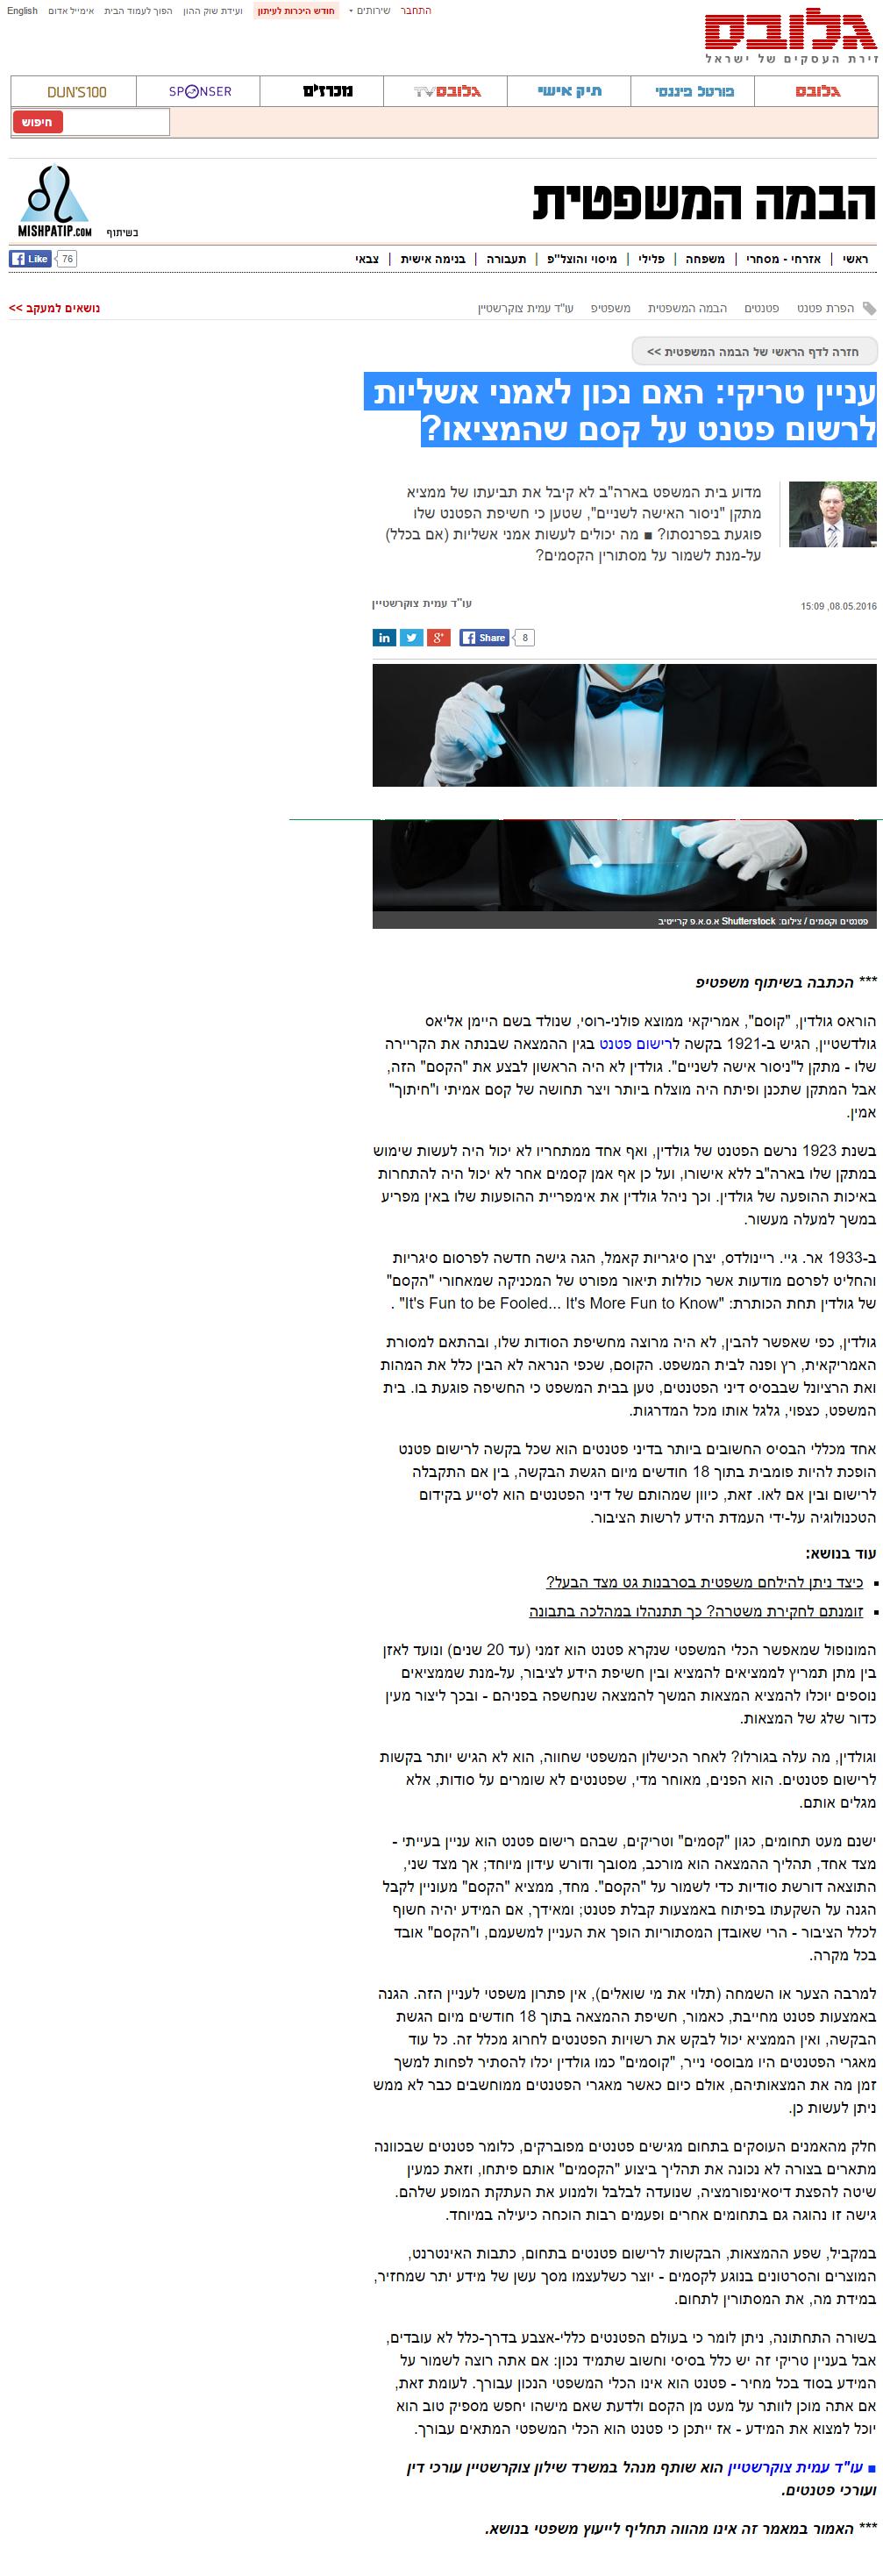 גלובס (אתר), 08/05/2016, עניין טריקי: האם נכון לאמני אשליות לרשום פטנט על קסם שהמציאו?